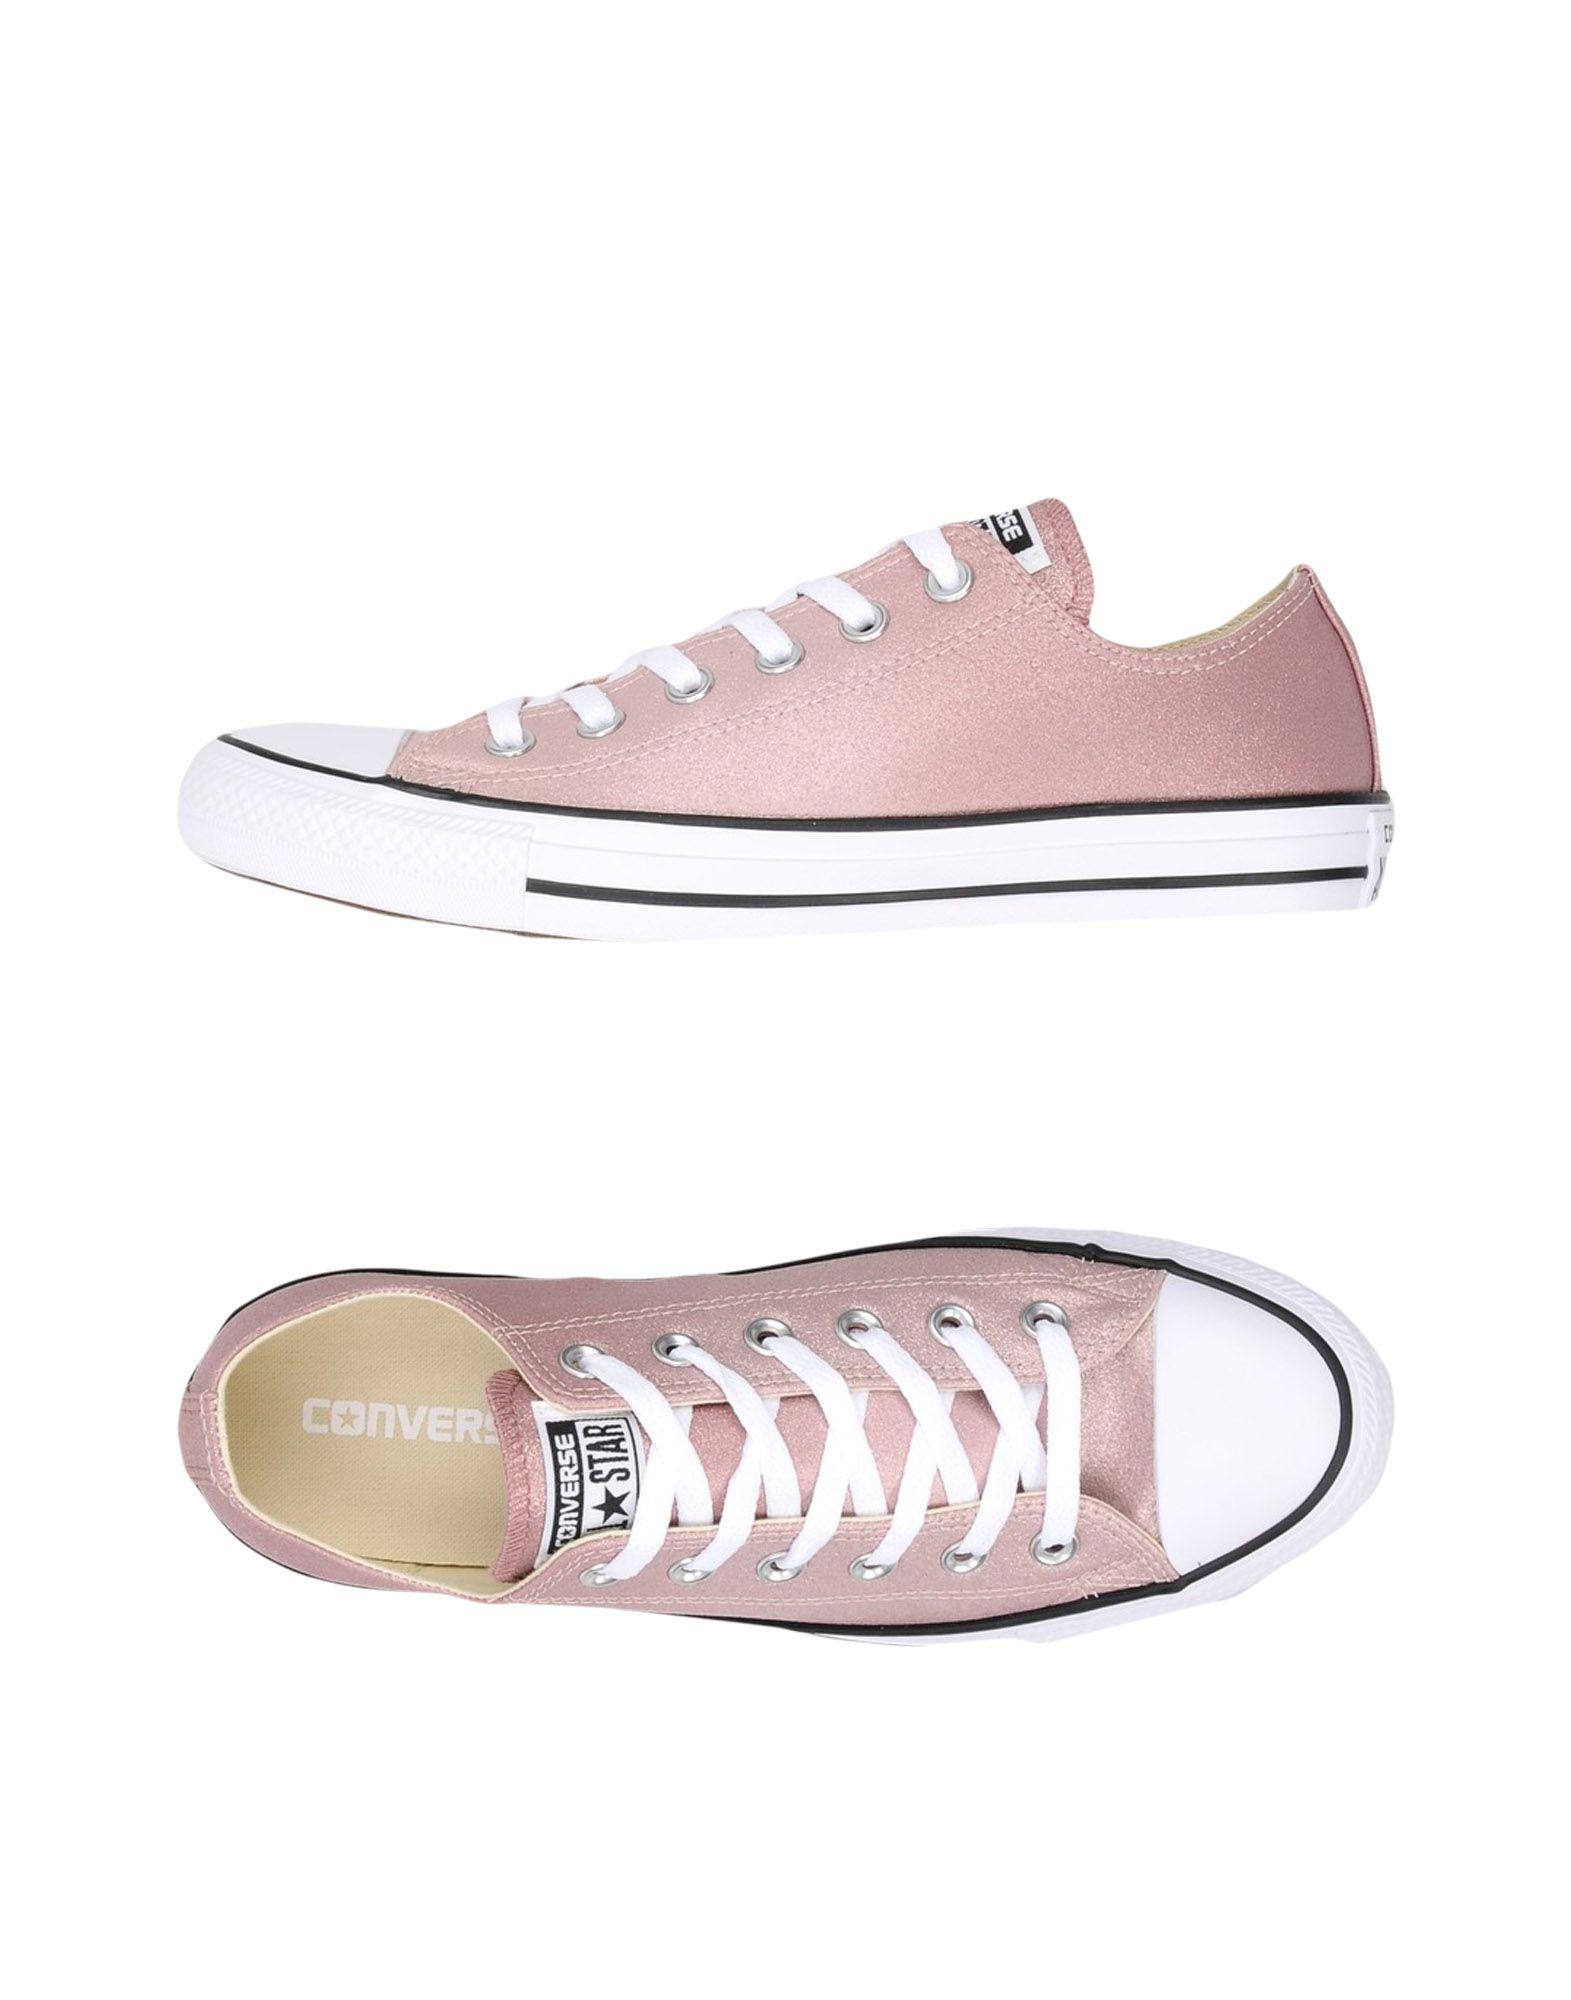 Converse All Star Ctas Ox Ombre Metallic  11445806IM Gute Qualität beliebte Schuhe